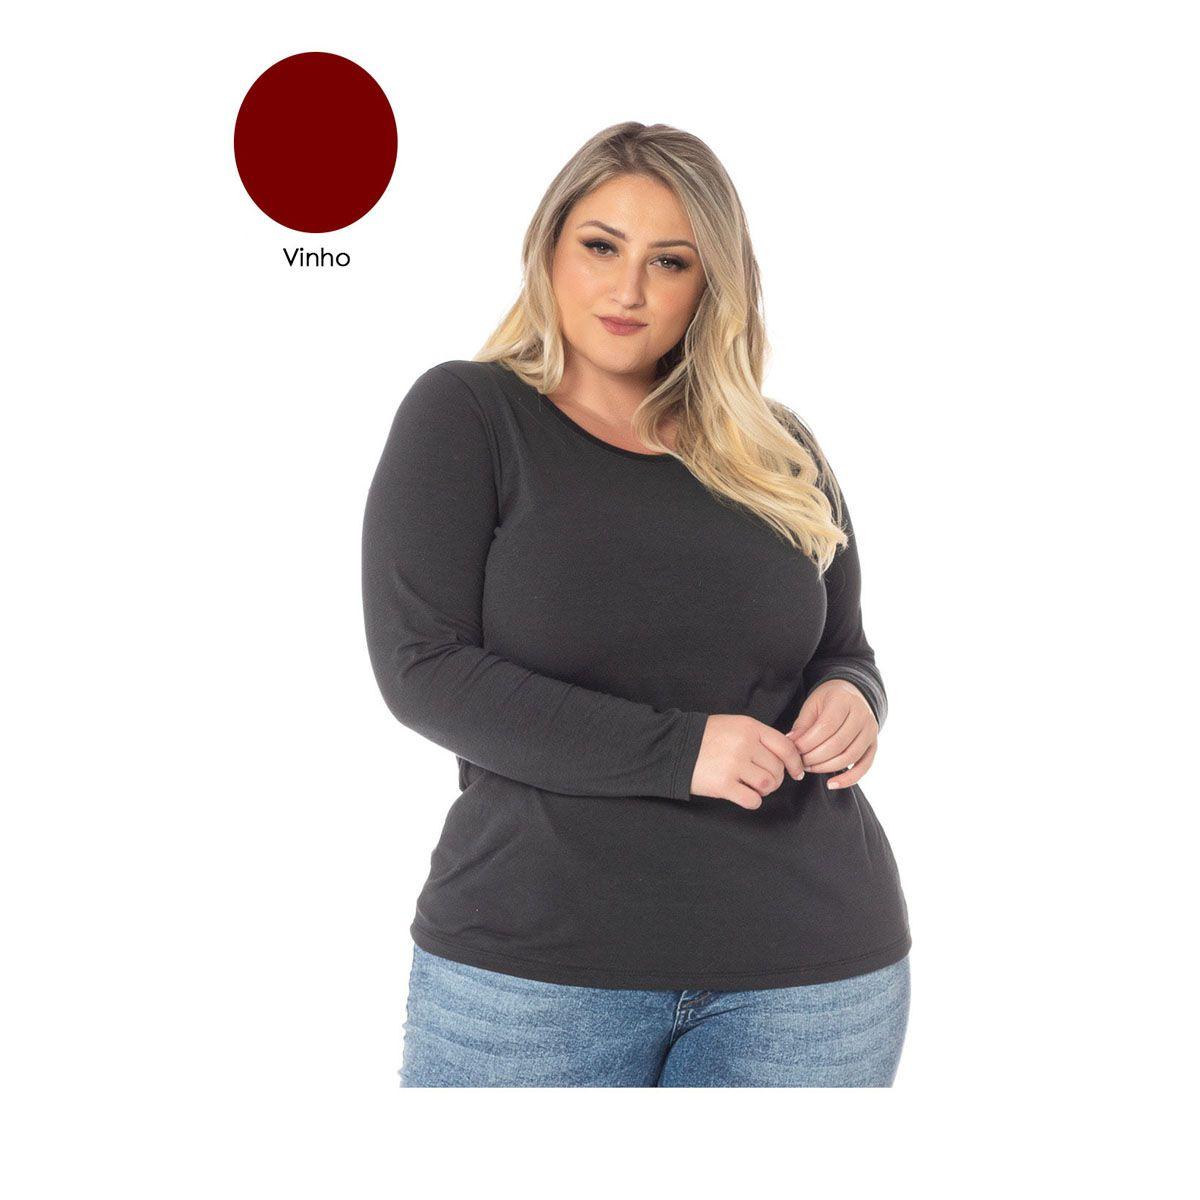 Camiseta Manga Longa Feminina Sba 70013